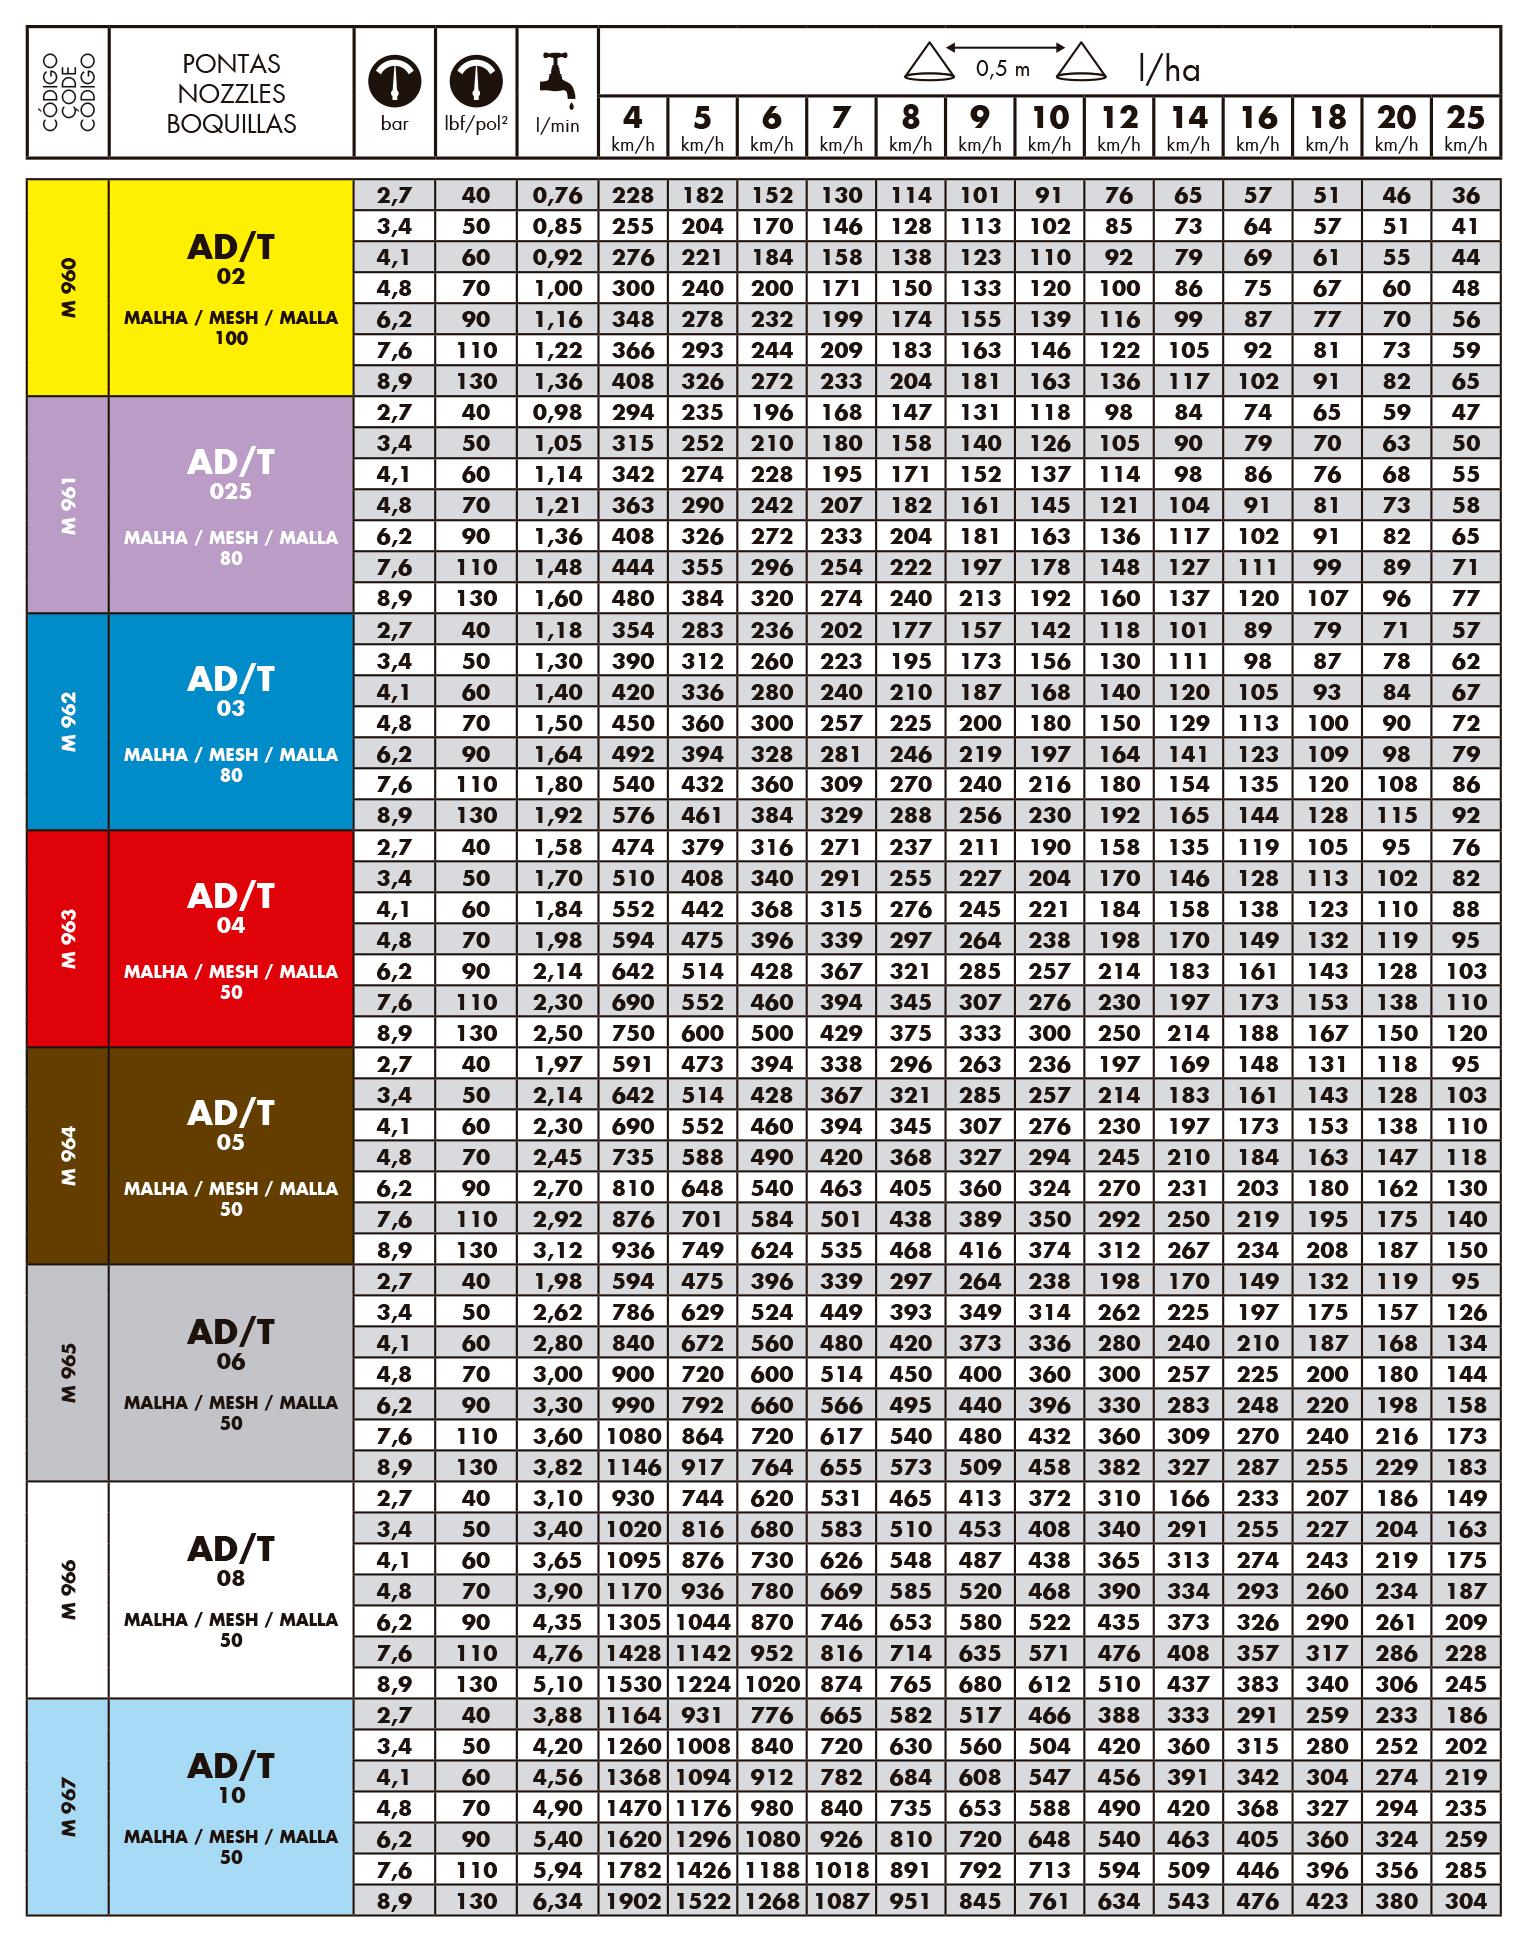 Tabela de vazão do bico de pulverização magnojet ad/t - Antideriva triplo